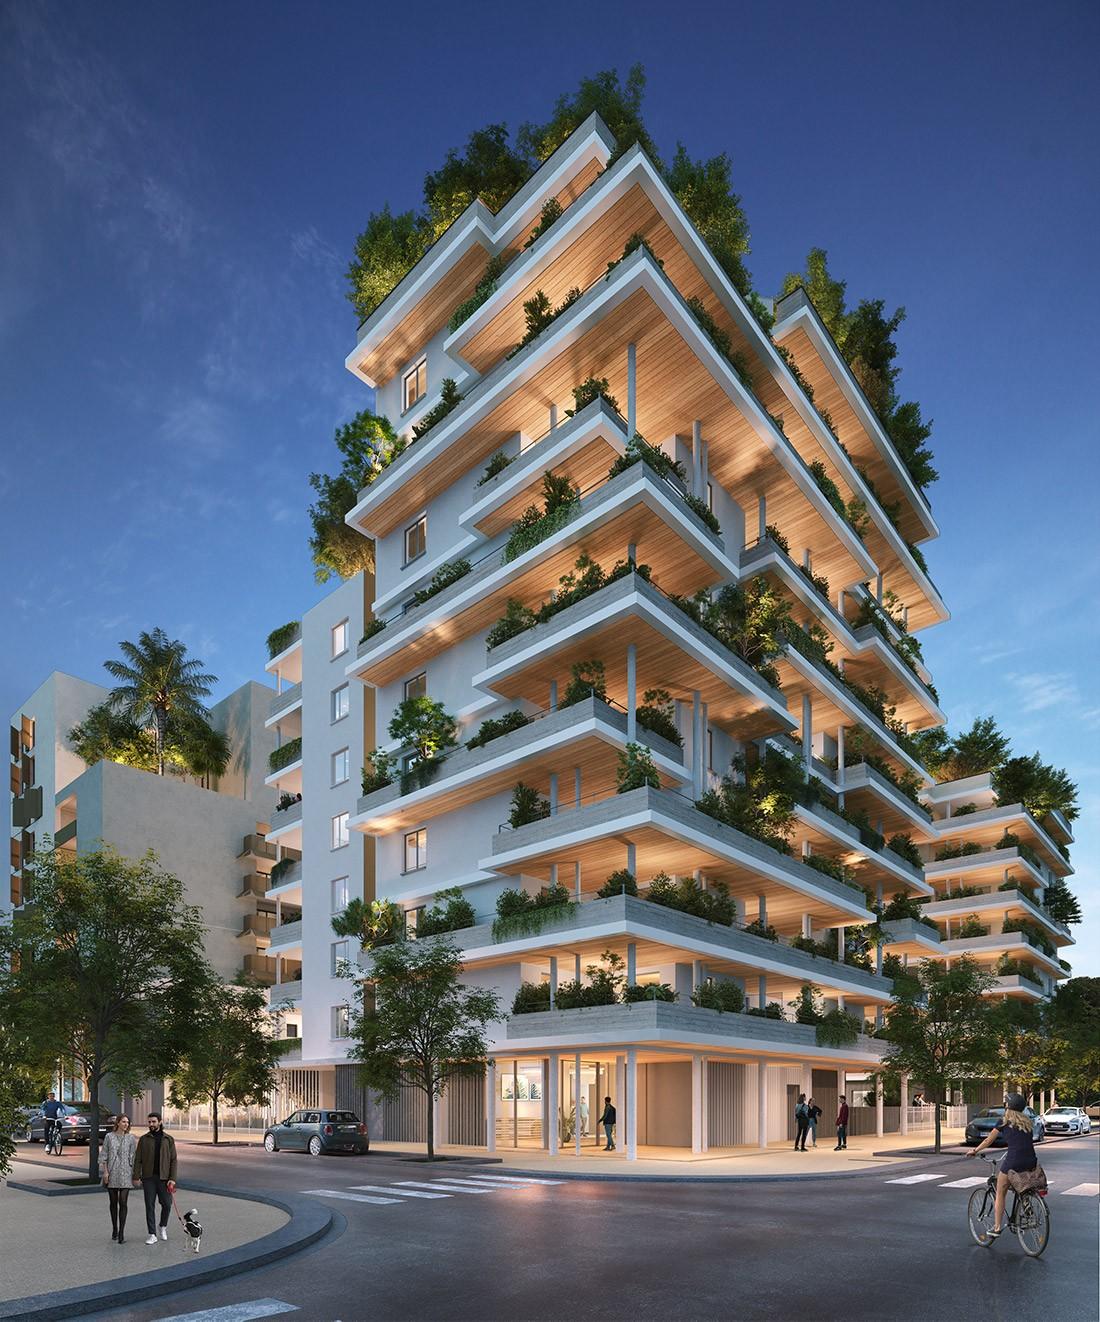 Odyssée Rive Gauche L'apogée Montpellier Port Marianne immobilier neuf